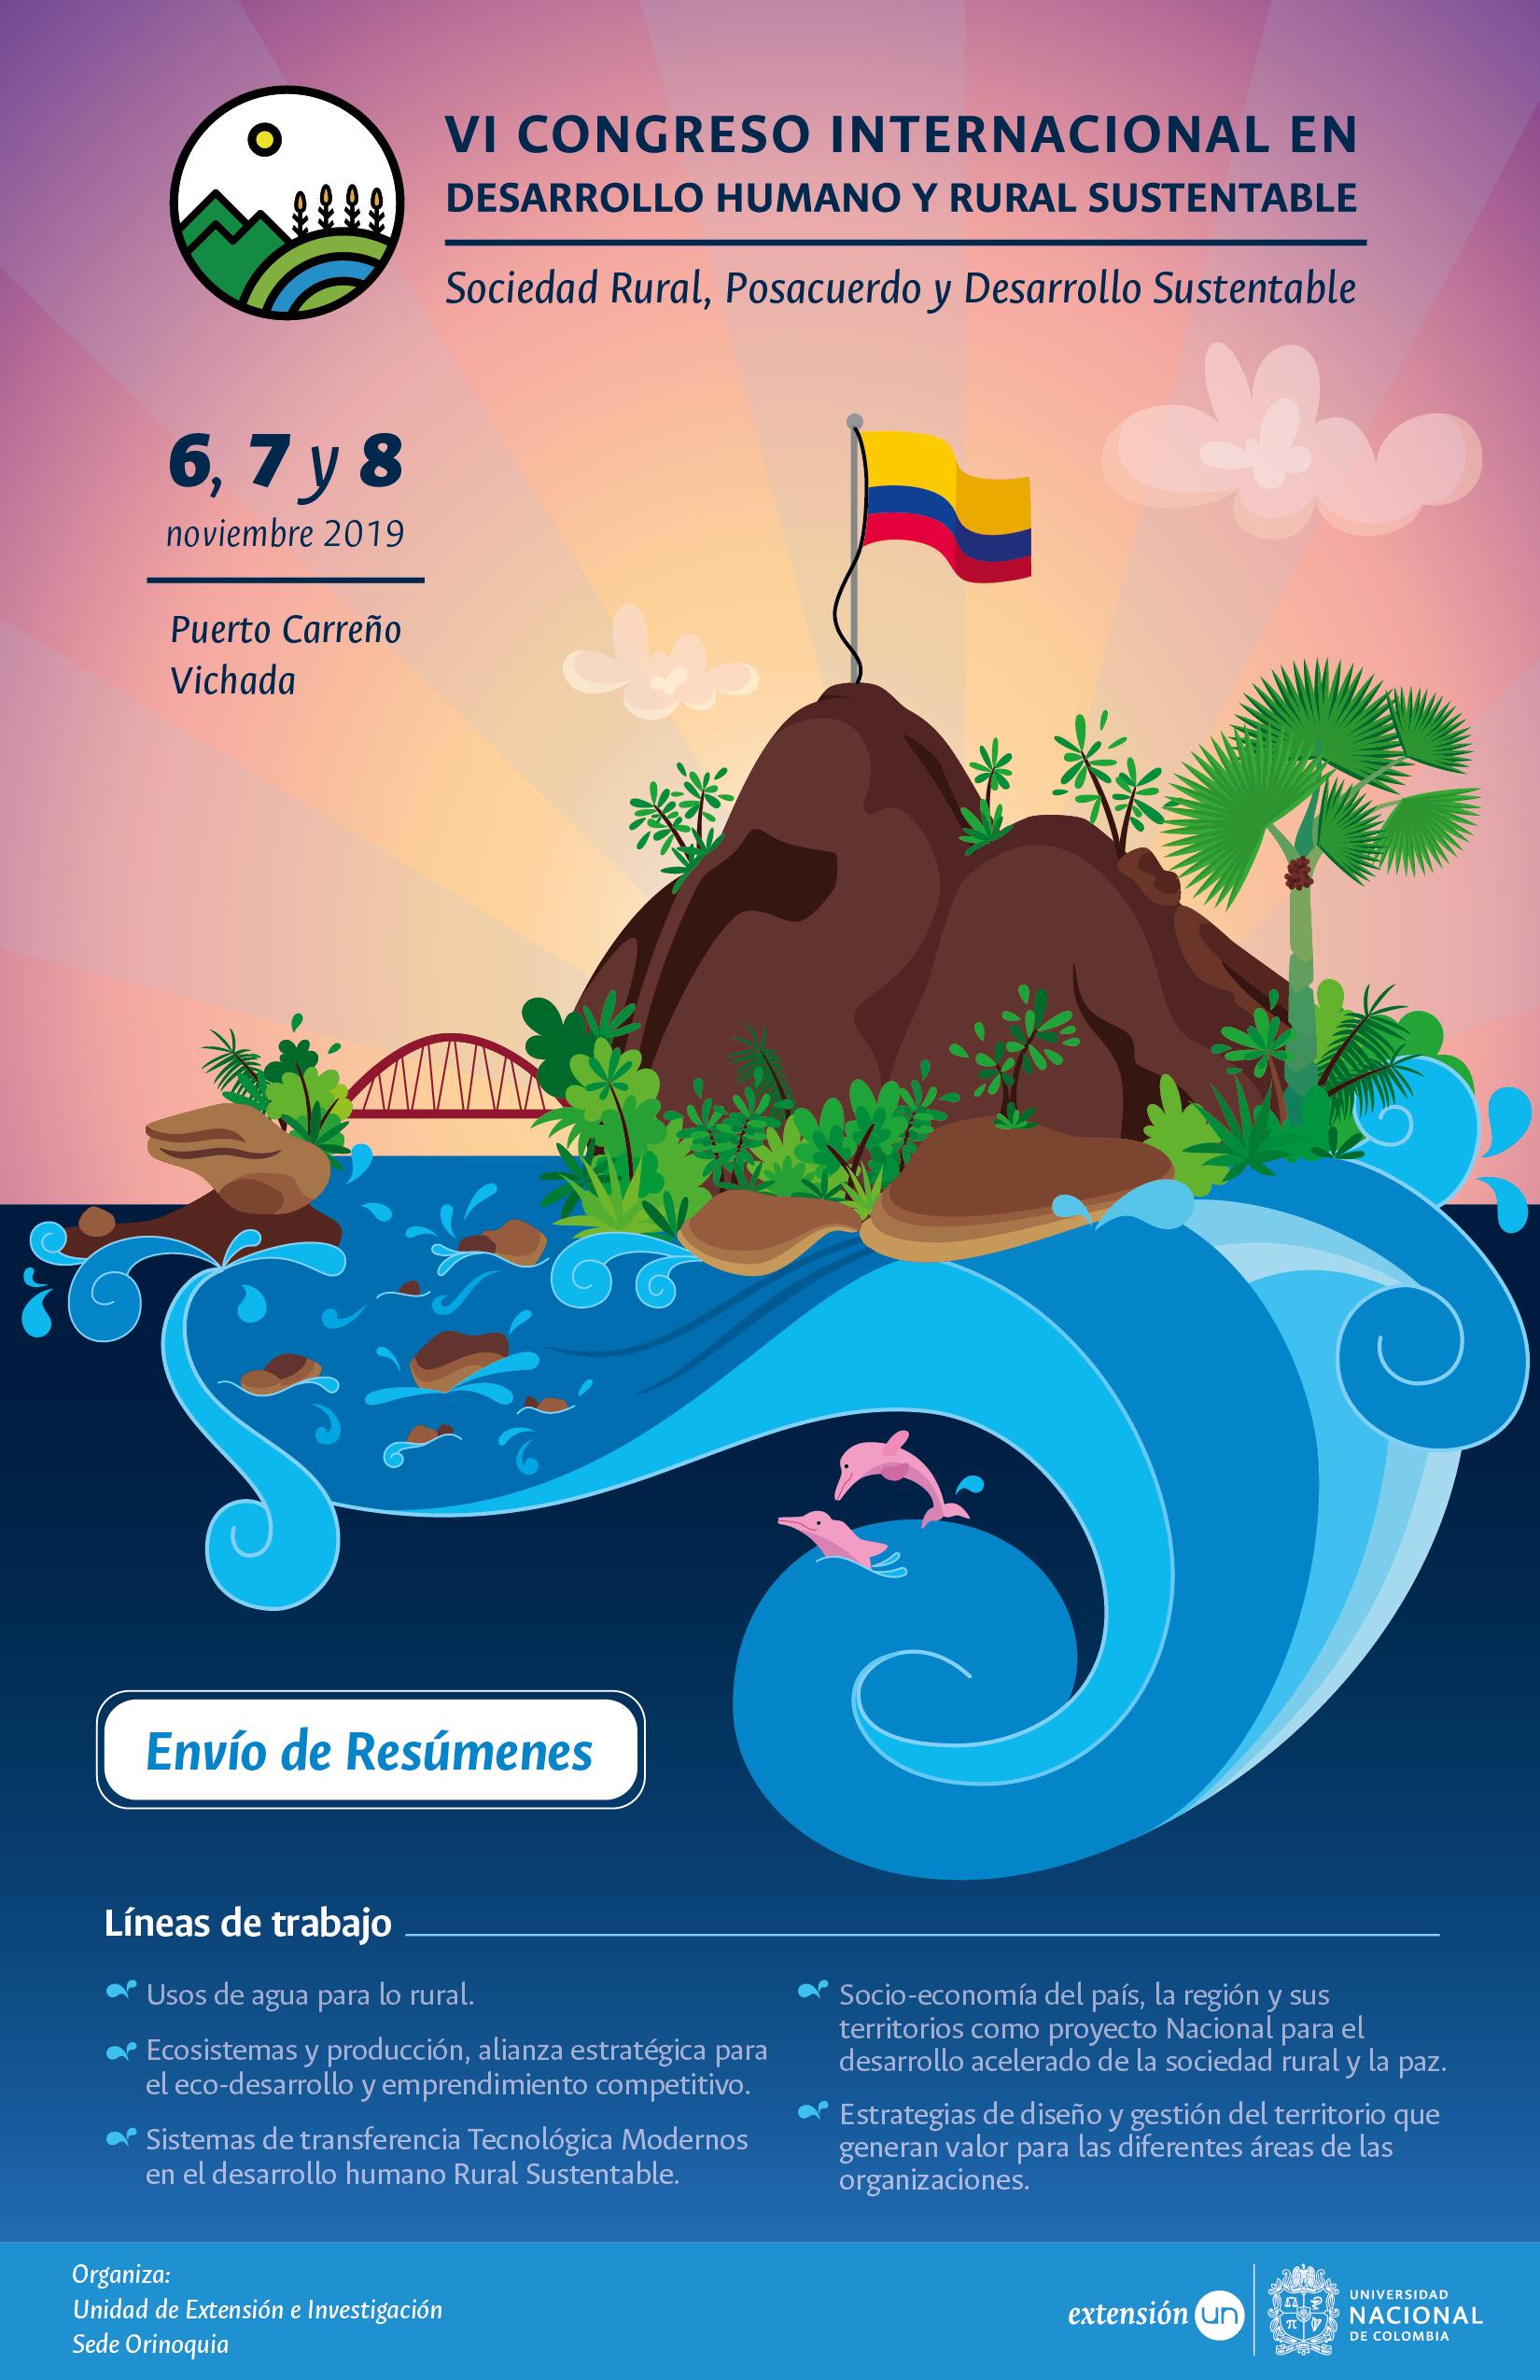 VI Congreso Internacional en Desarrollo Humano y Rural Sustentable: «Sociedad Rural, Posacuerdo y Desarrollo Sustentable»